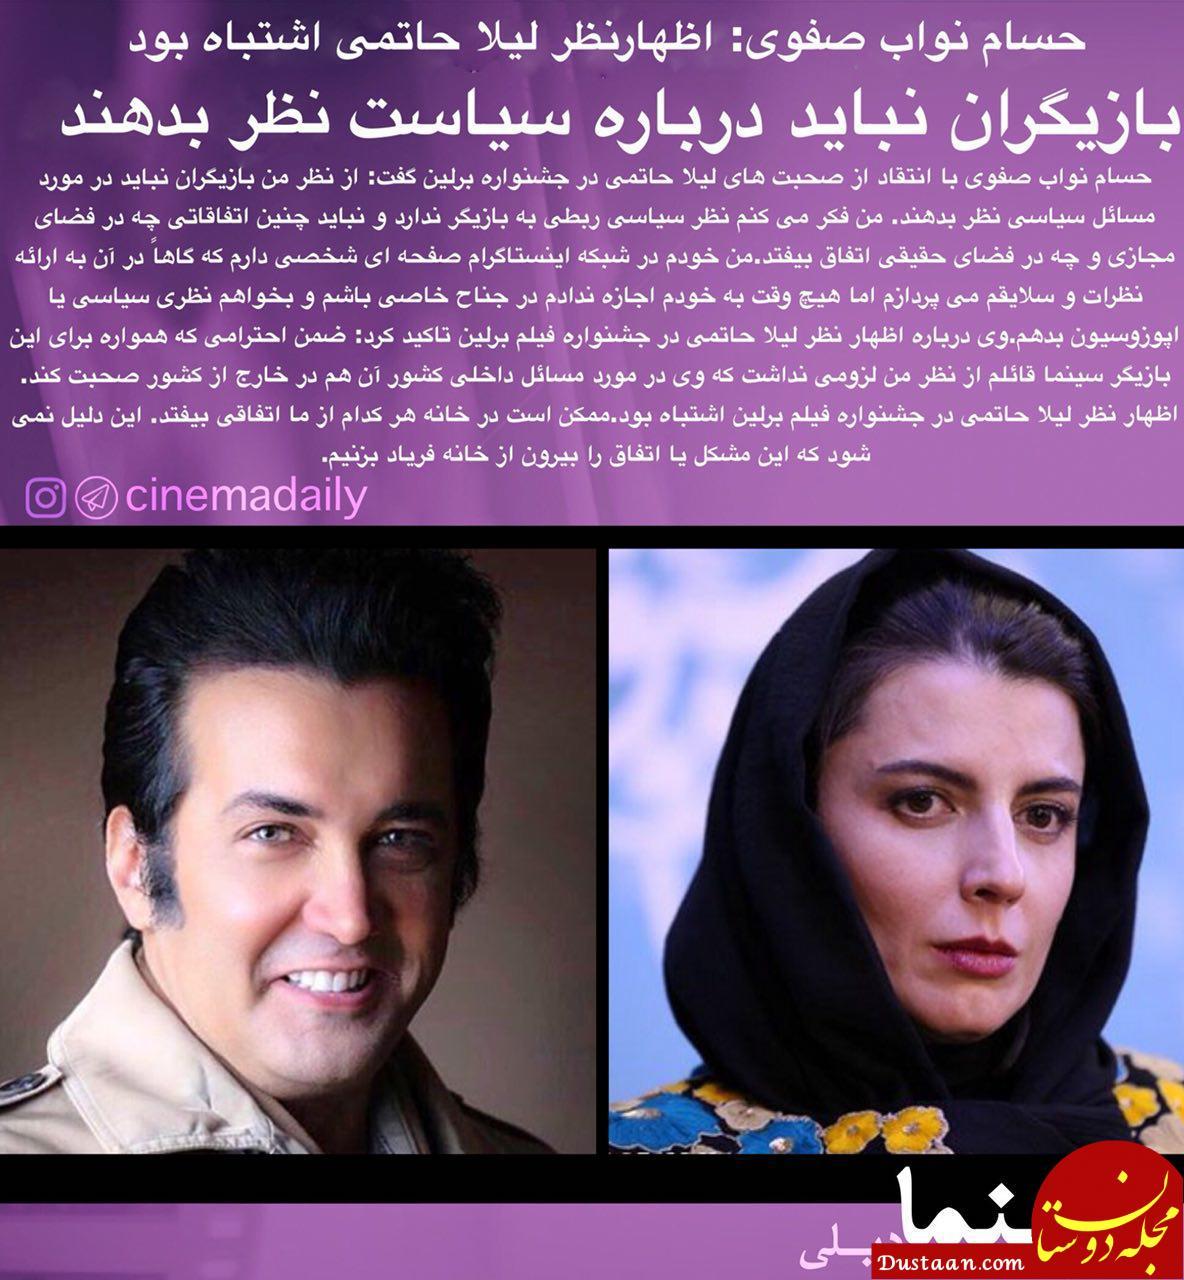 www.dustaan.com حسام نواب صفوی : اظهارنظر لیلا حاتمی در جشنواره برلین اشتباه بود